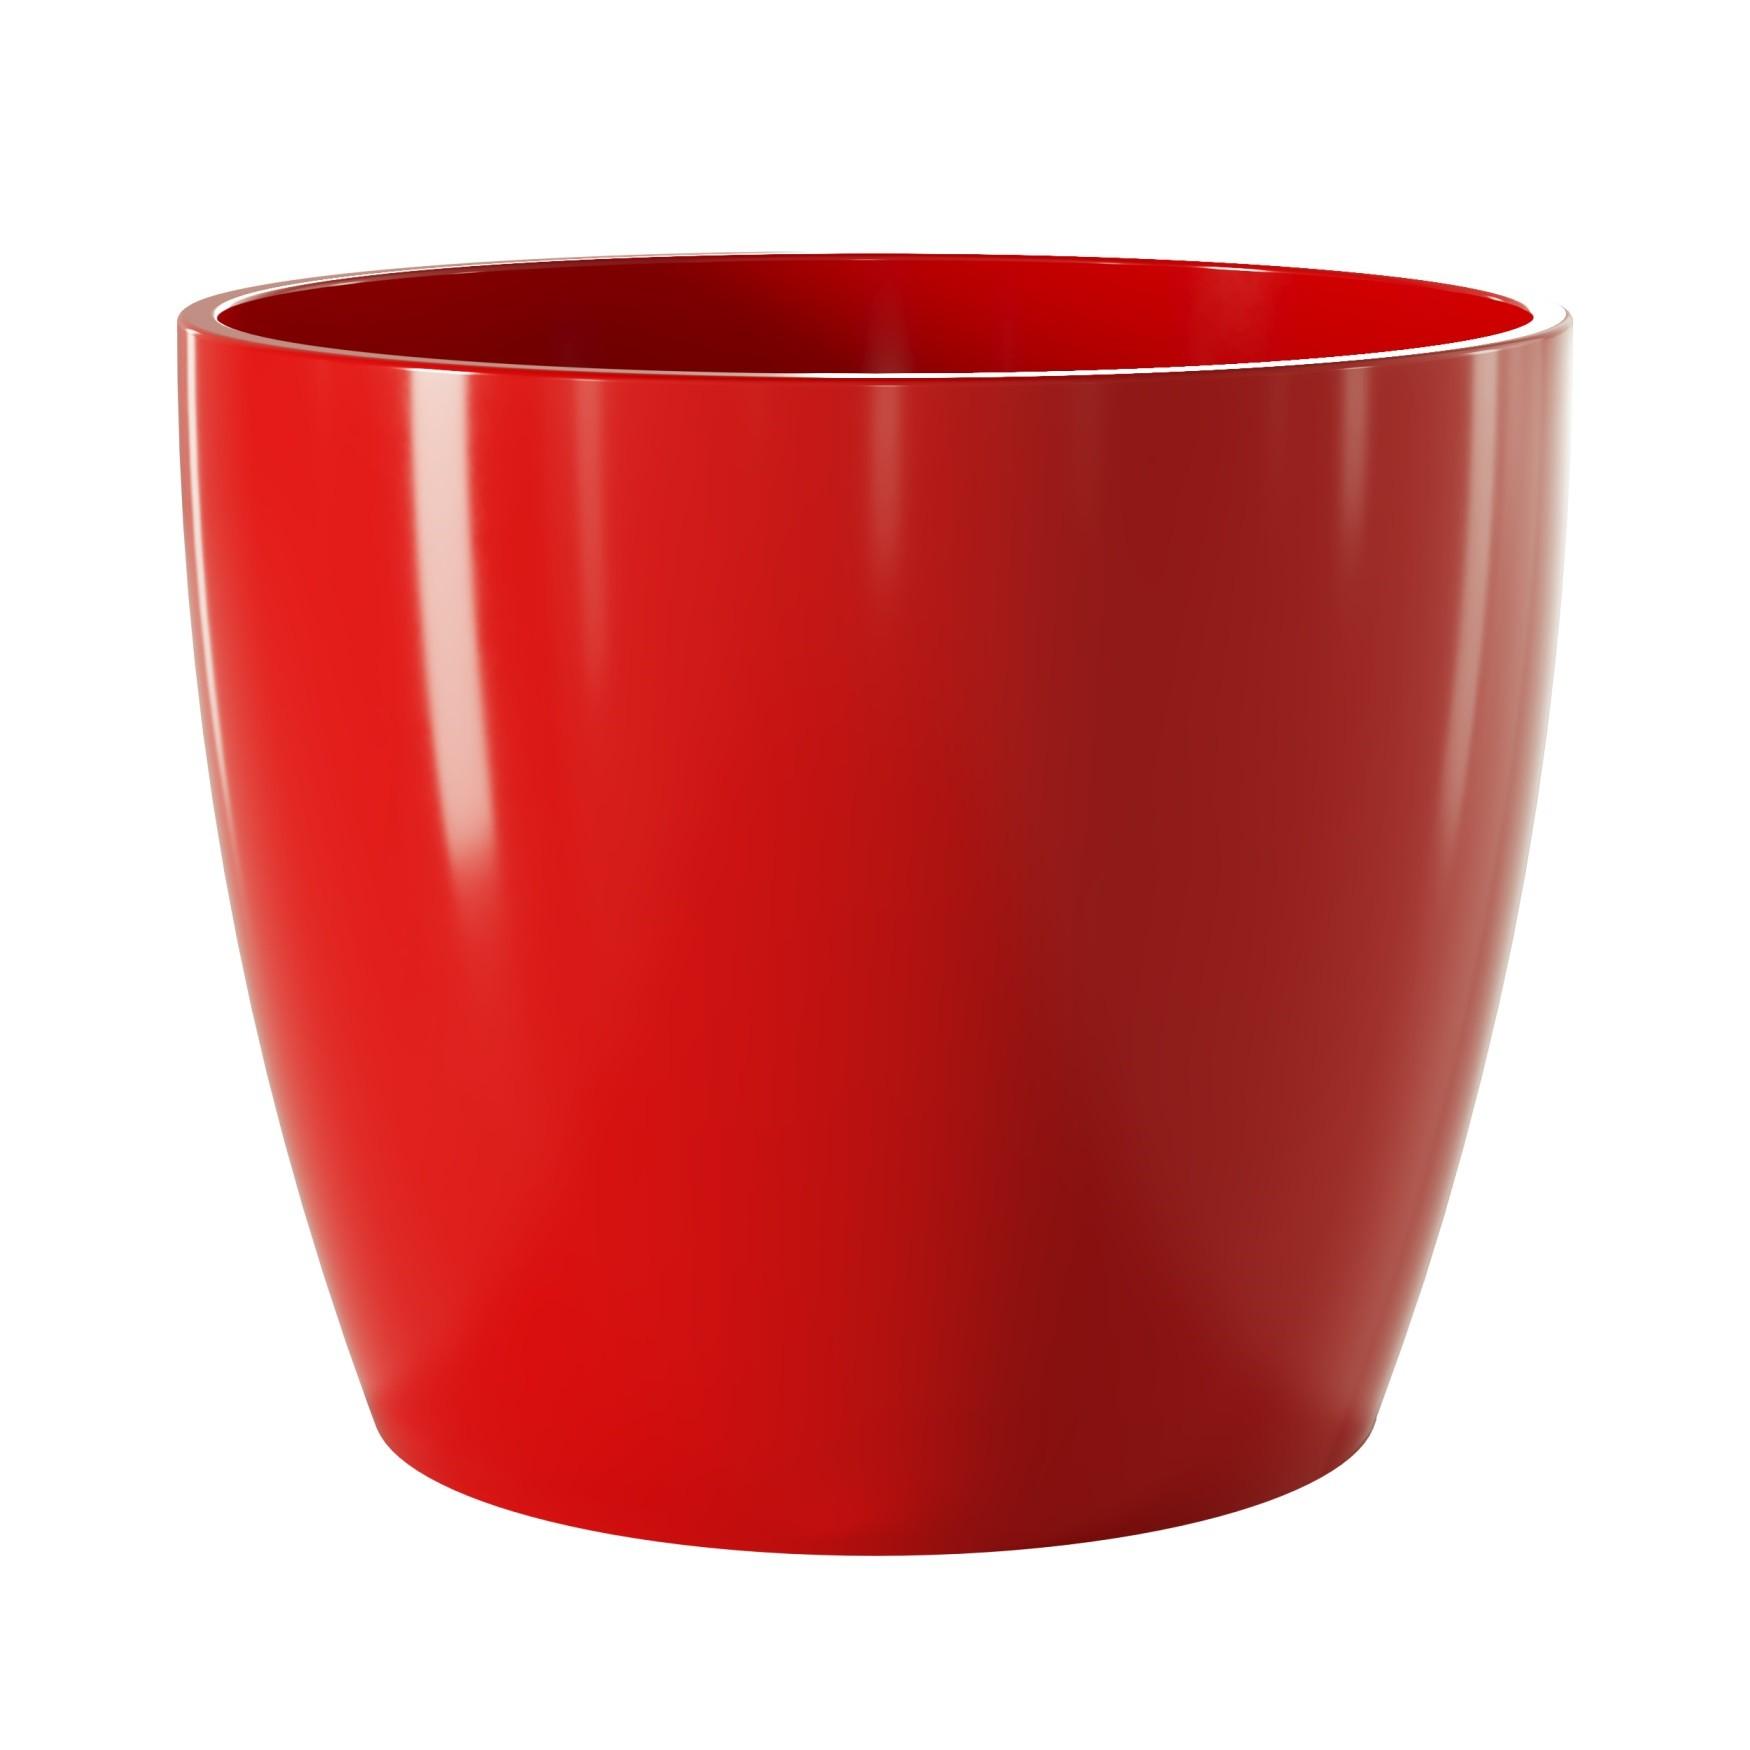 Vaso para Plantas Ceramica 15x17 cm Munique Vermelho - Japi